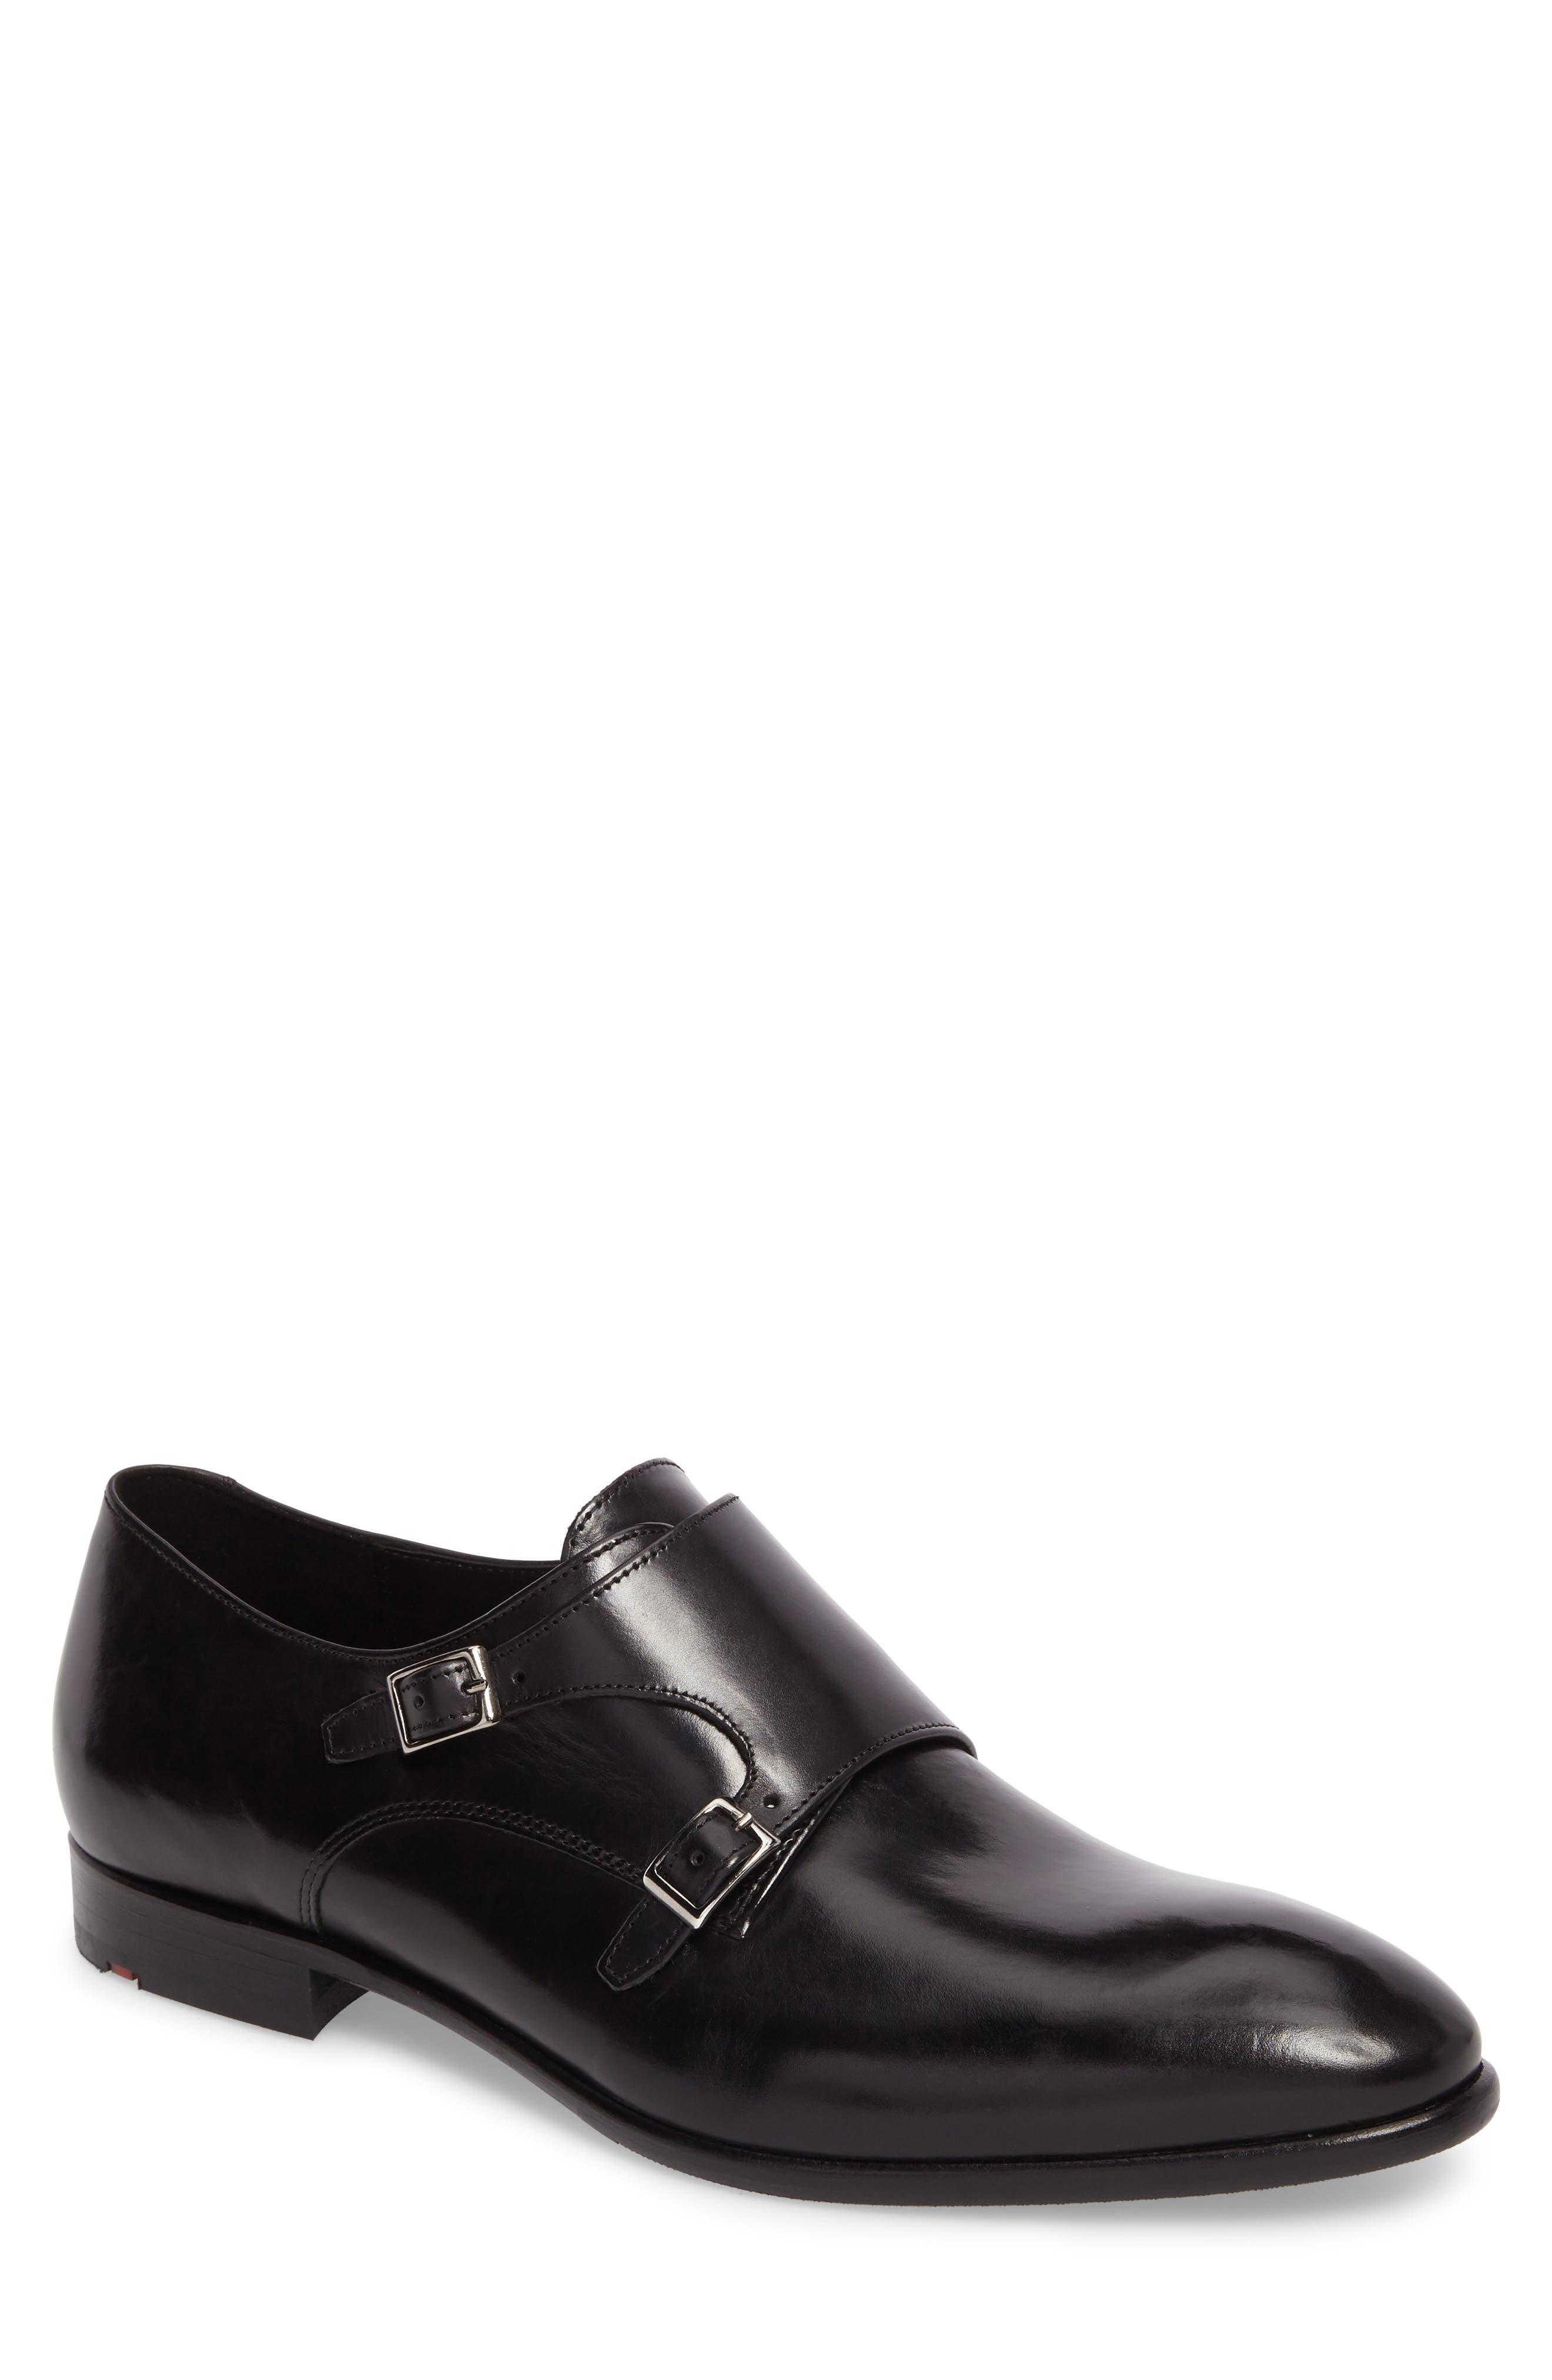 Michael Double Monk Strap Shoe,                         Main,                         color, BLACK LEATHER